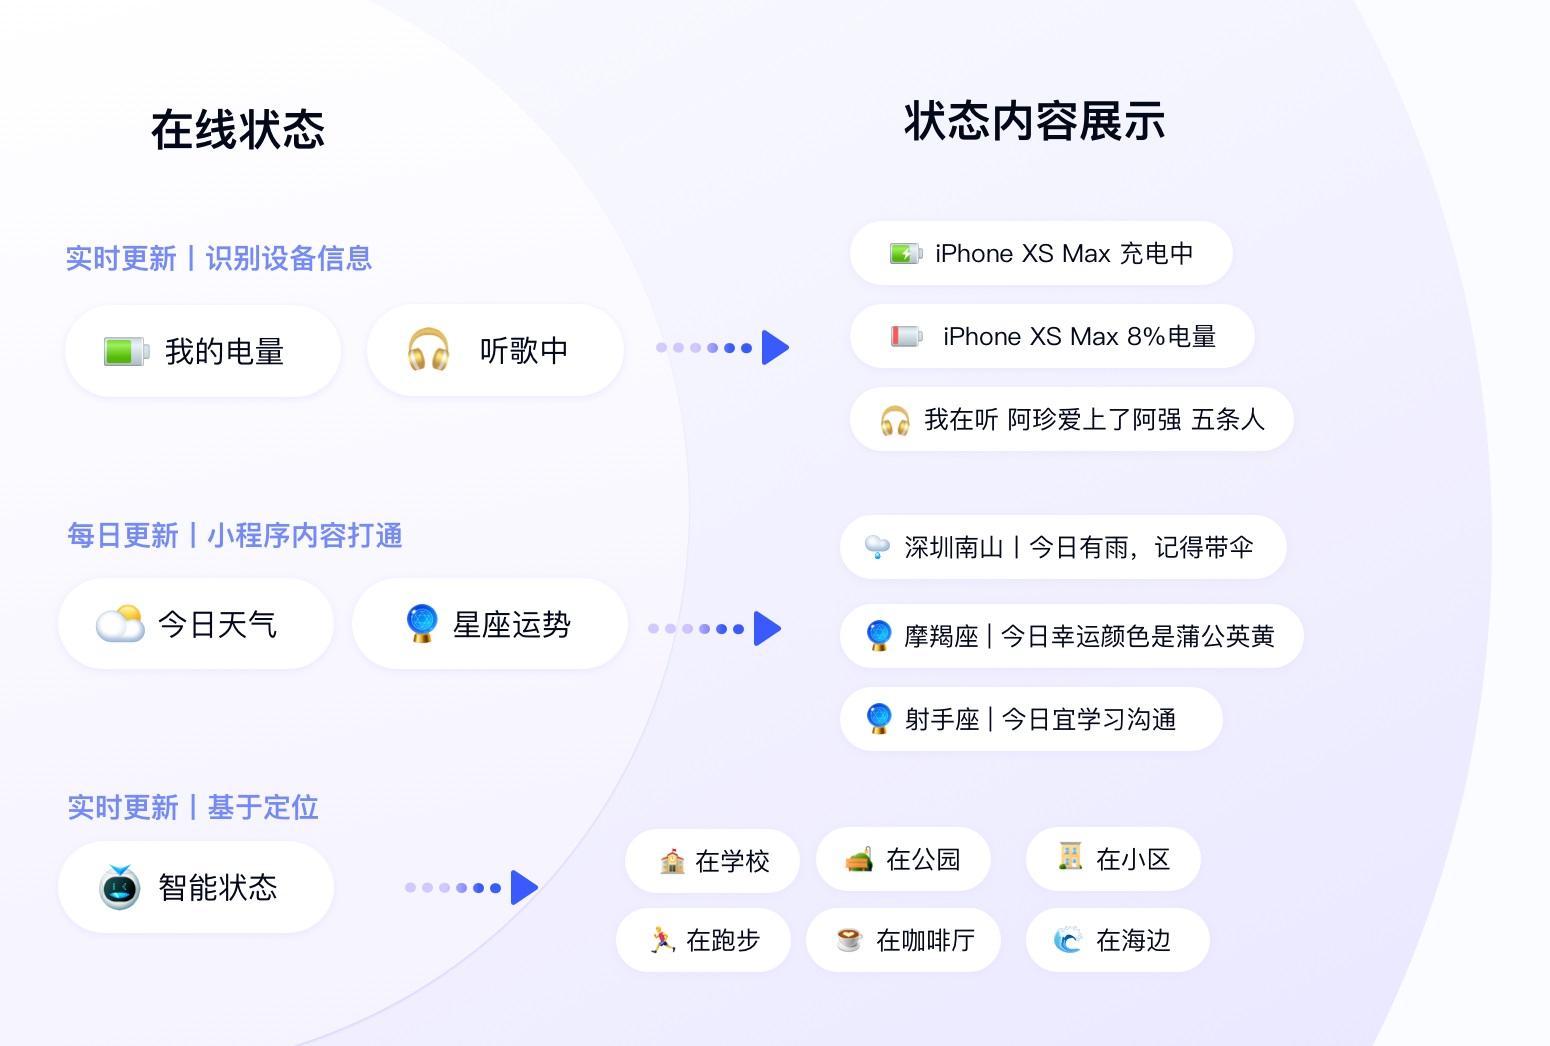 腾讯实战案例!十多年的QQ在线状态是如何做好重设计的?